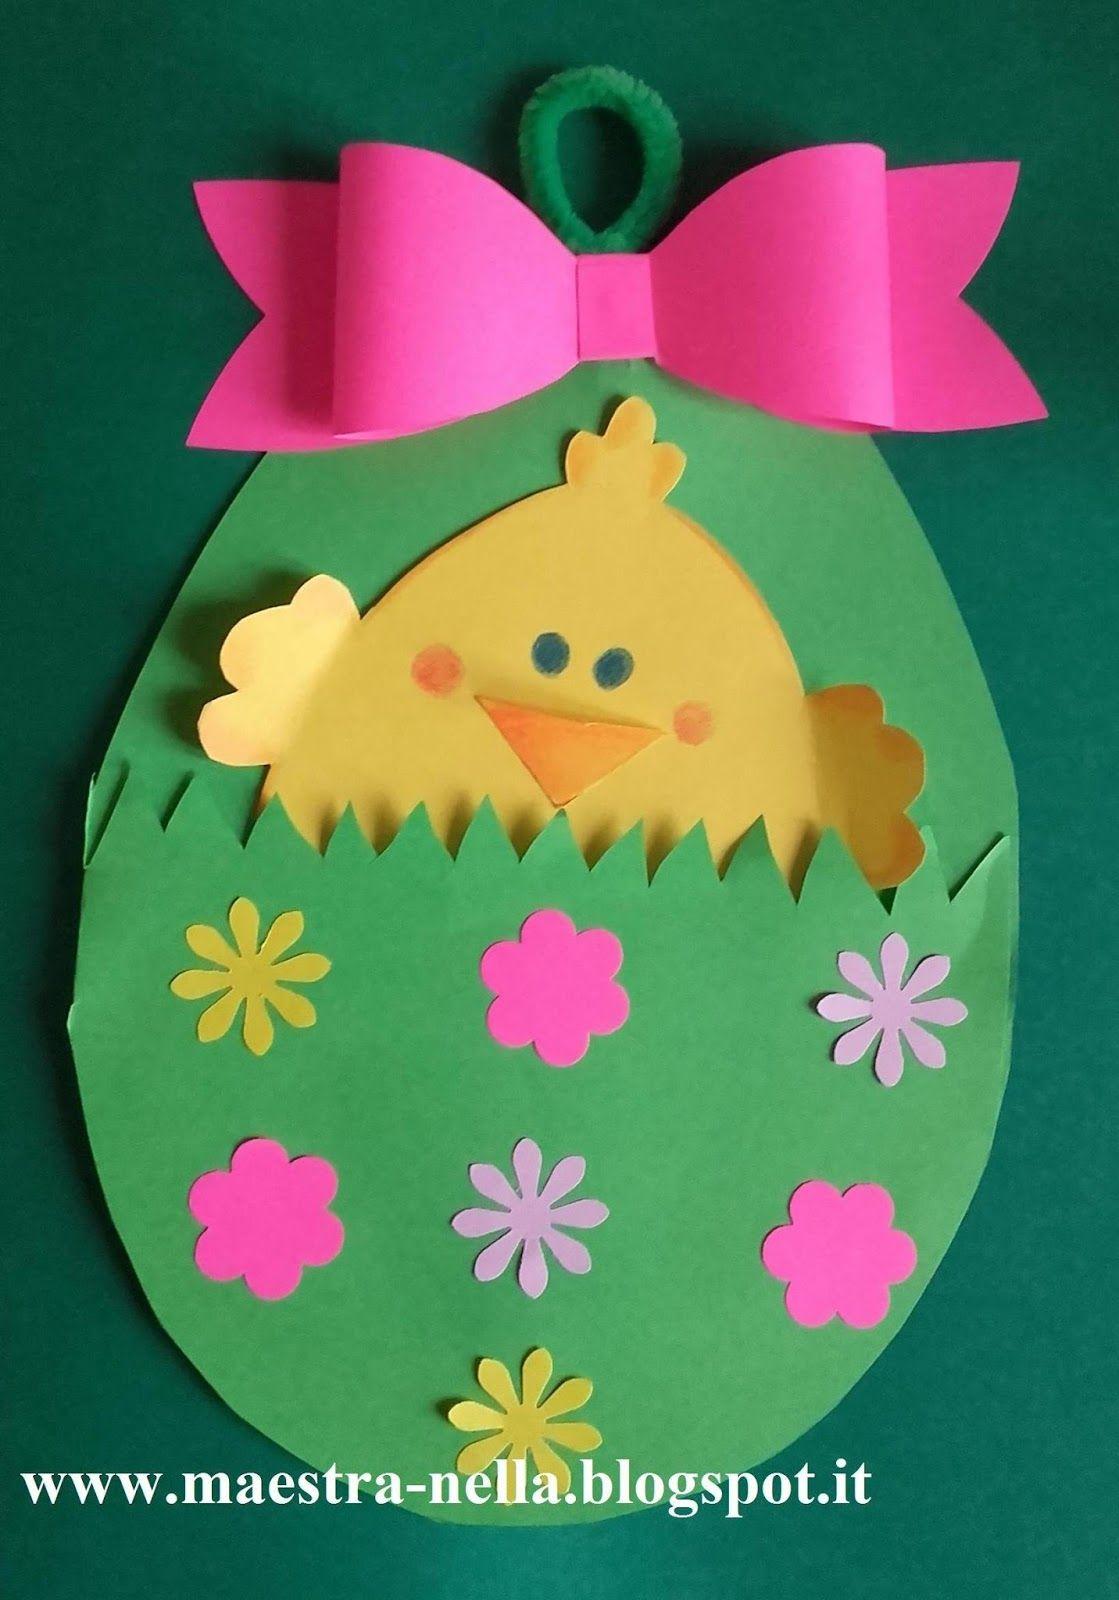 Pulcini e coniglietti spuntano da uova di Pasqua decorati con fiocchi e fiori.. Il tutto realizzato con dei fogli di cartoncino colorato. ...